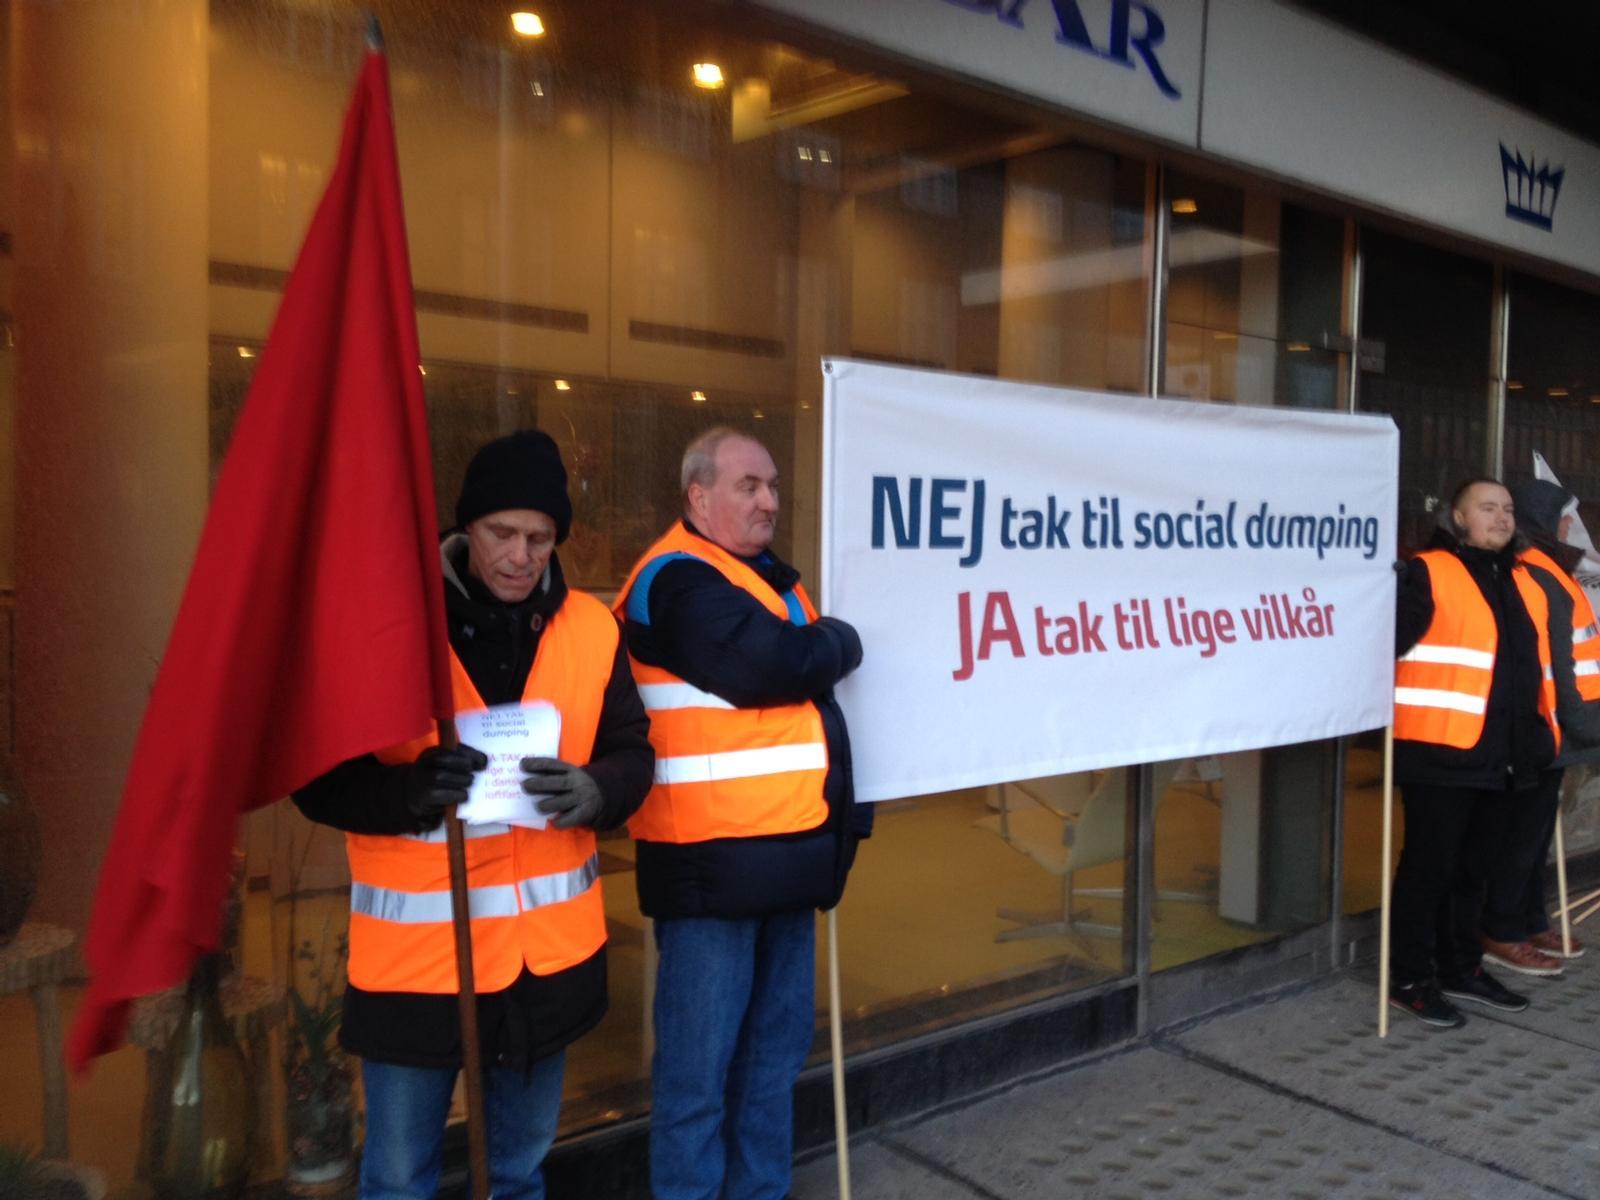 Demonstration foran Royal Hotel i København i januar 2015, hvor Ryanair holdt pressemøde. Foto: Andreas Krog.